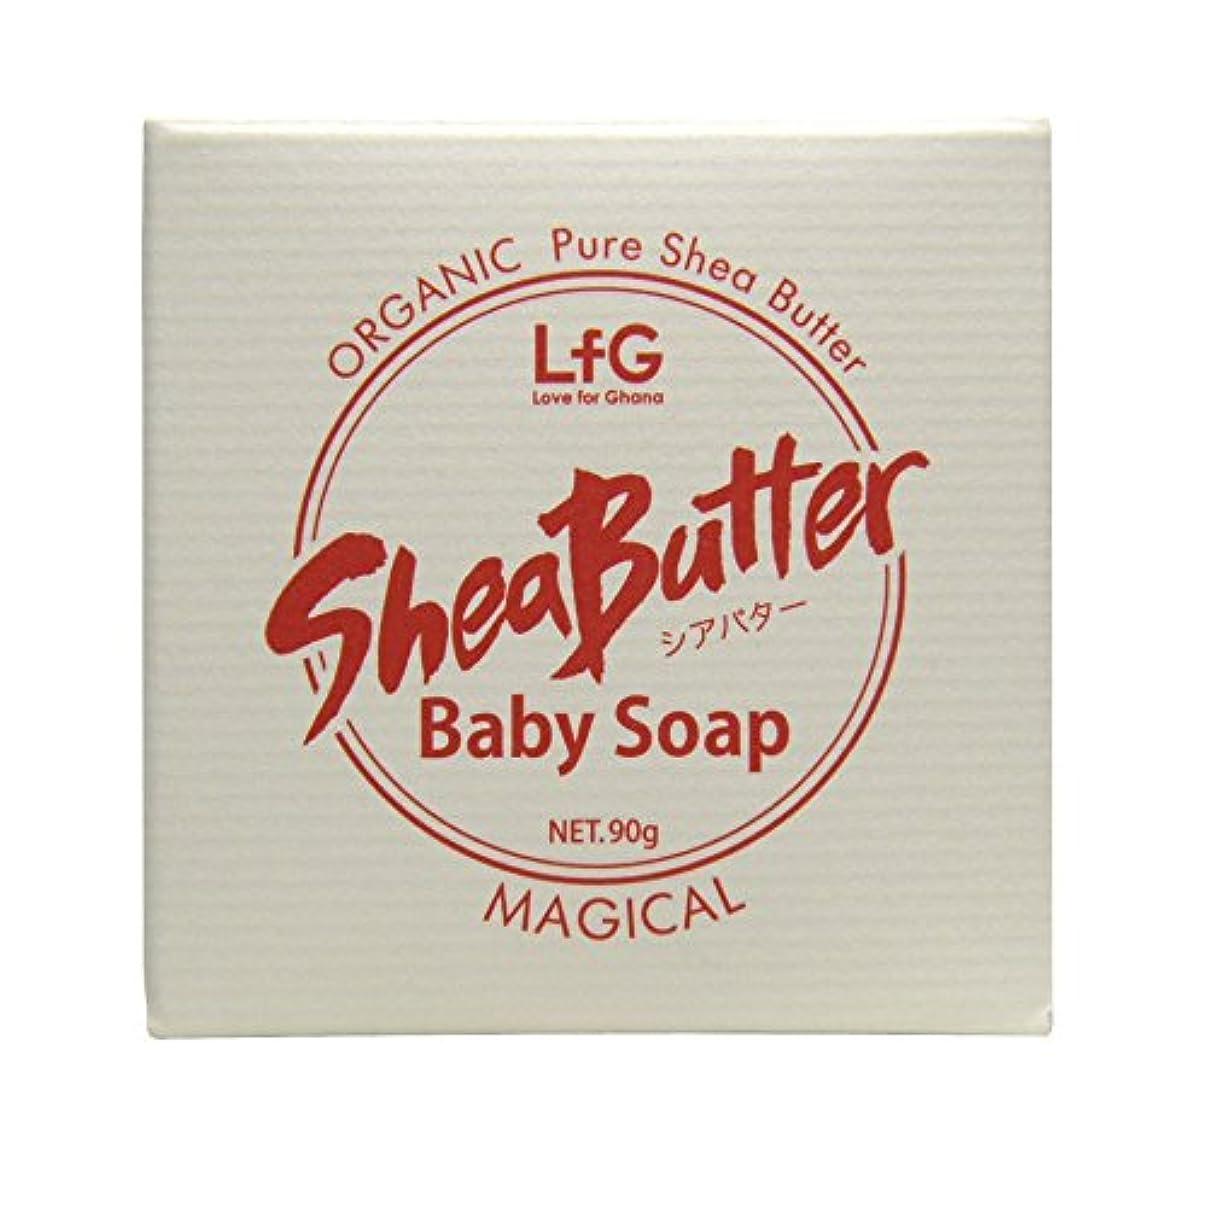 最初はクロス立派なマジカル シアバターベビーソープ 保湿石鹸 90g